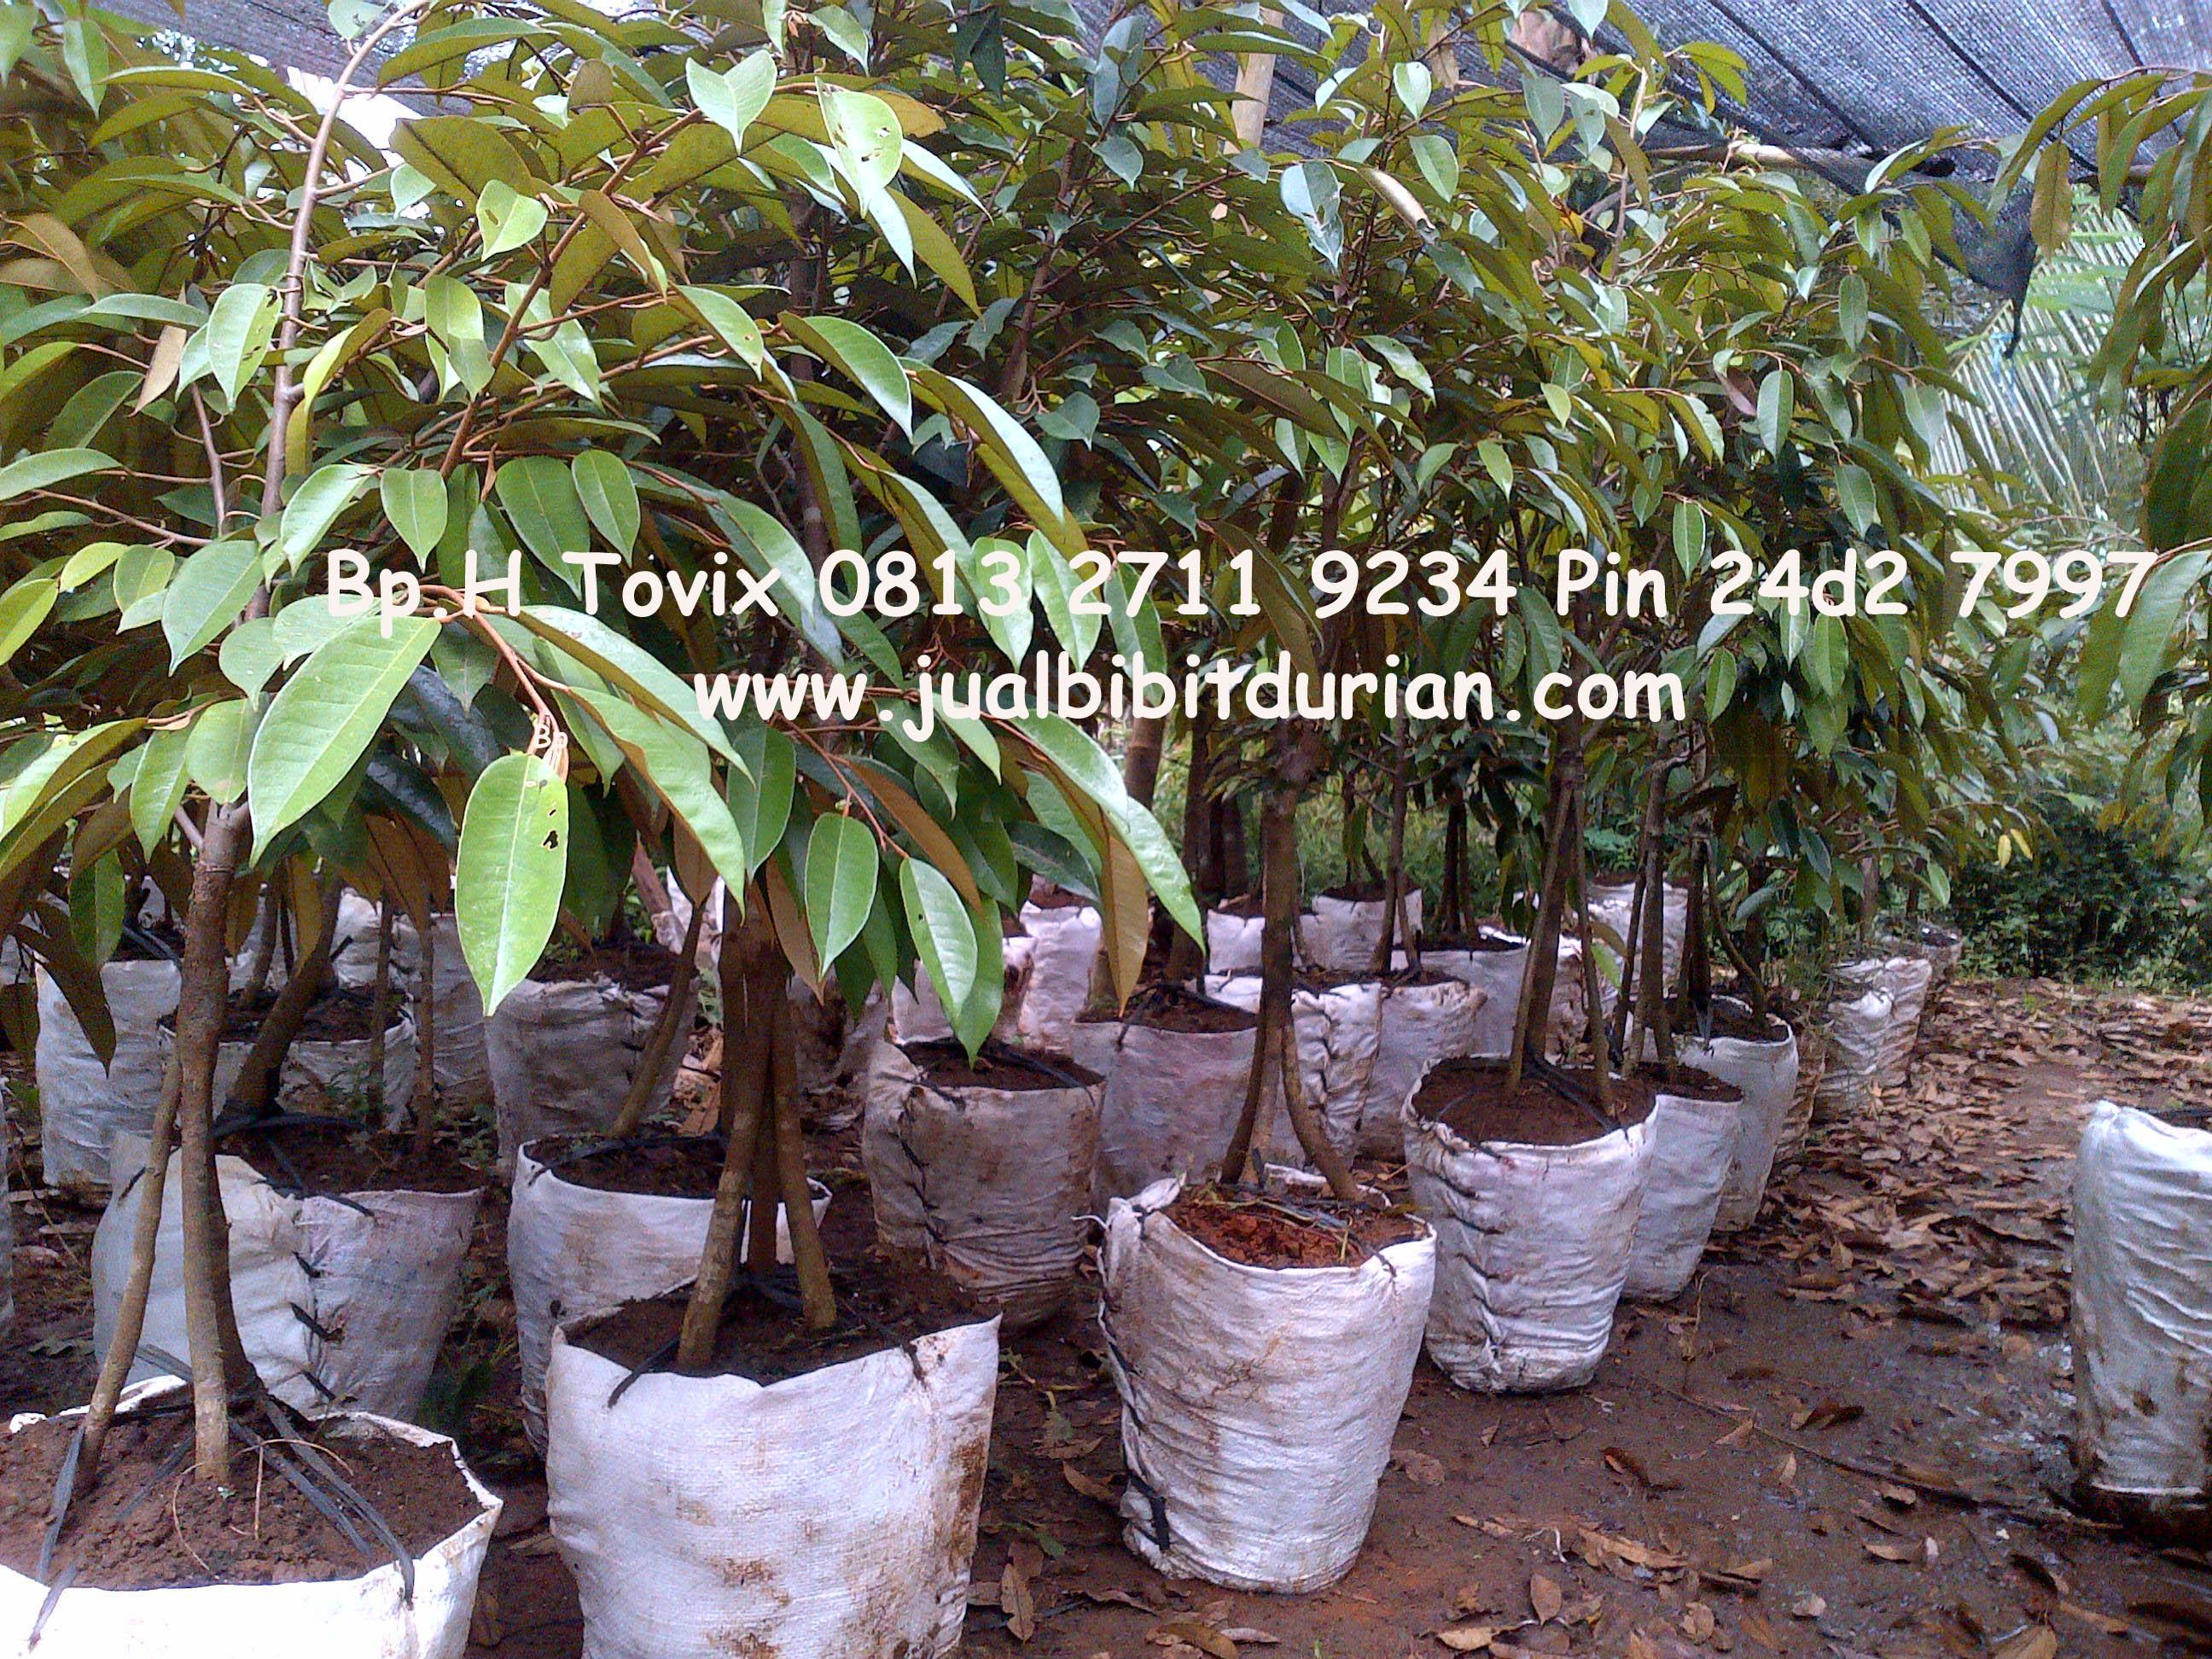 Jual Bibit Durian Bawor Banyumas